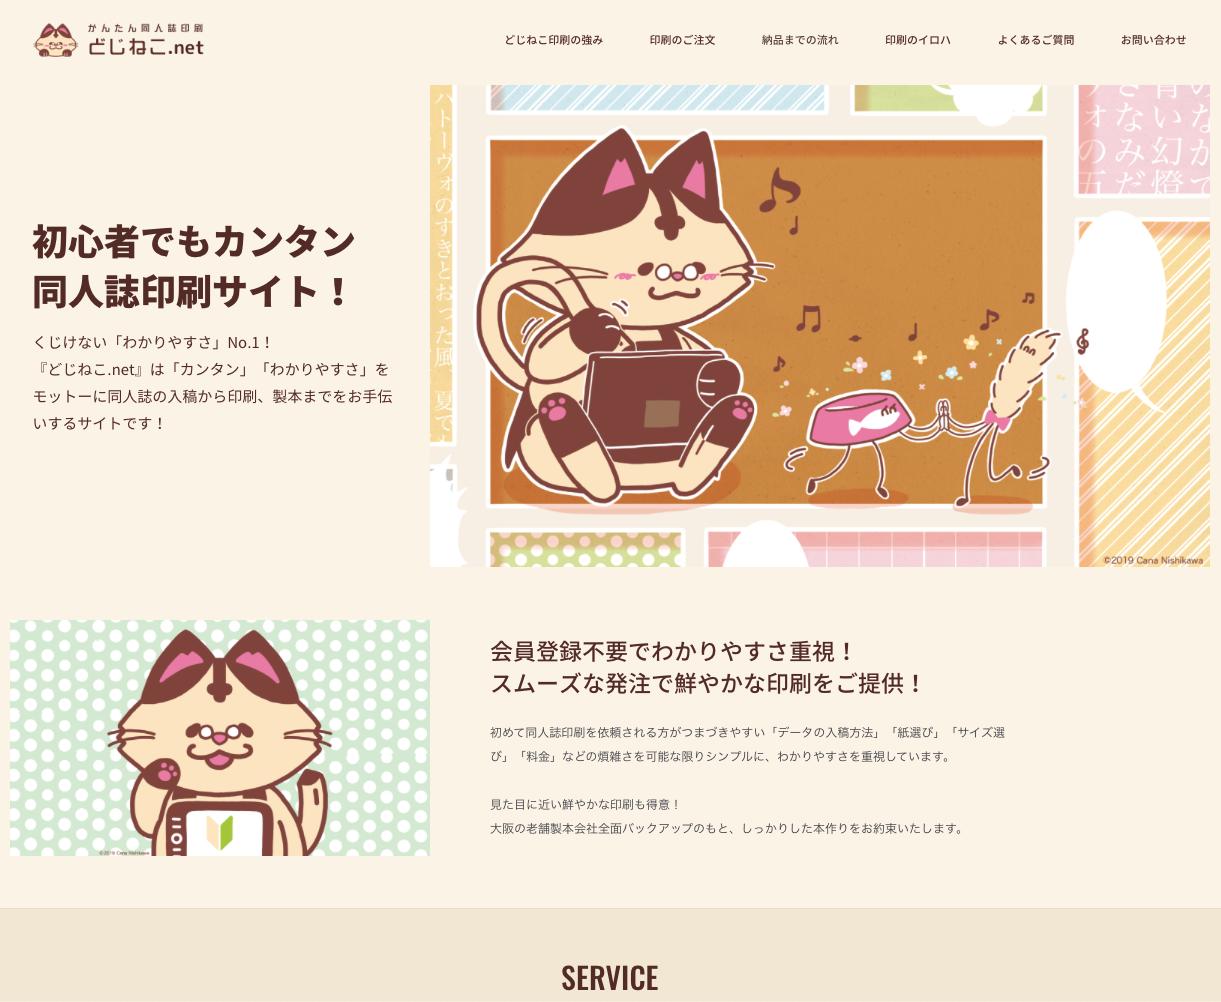 かんたん同人誌印刷どじねこ.netのWebページ画像